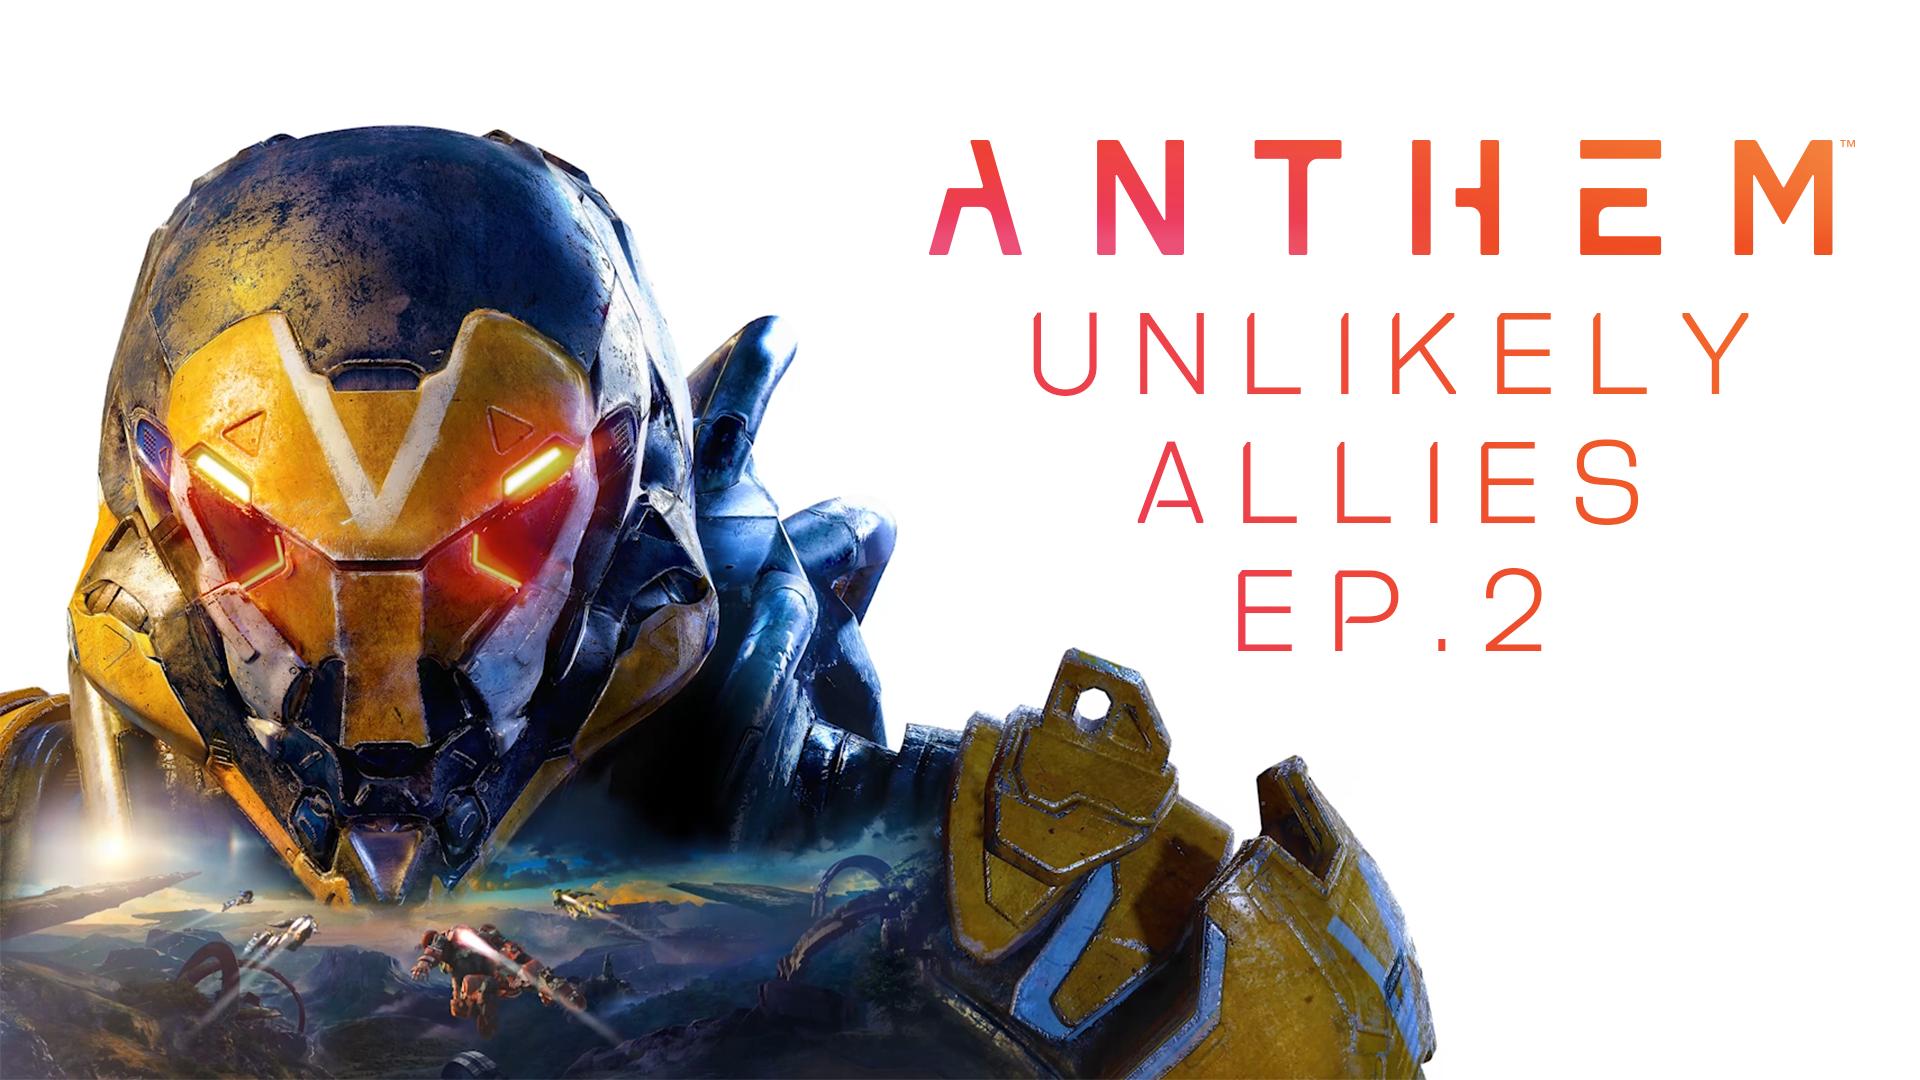 Anthem: Seht euch jetzt Episode 2 mit dem Heider und seinen chaotischen Streaming-Kollegen an